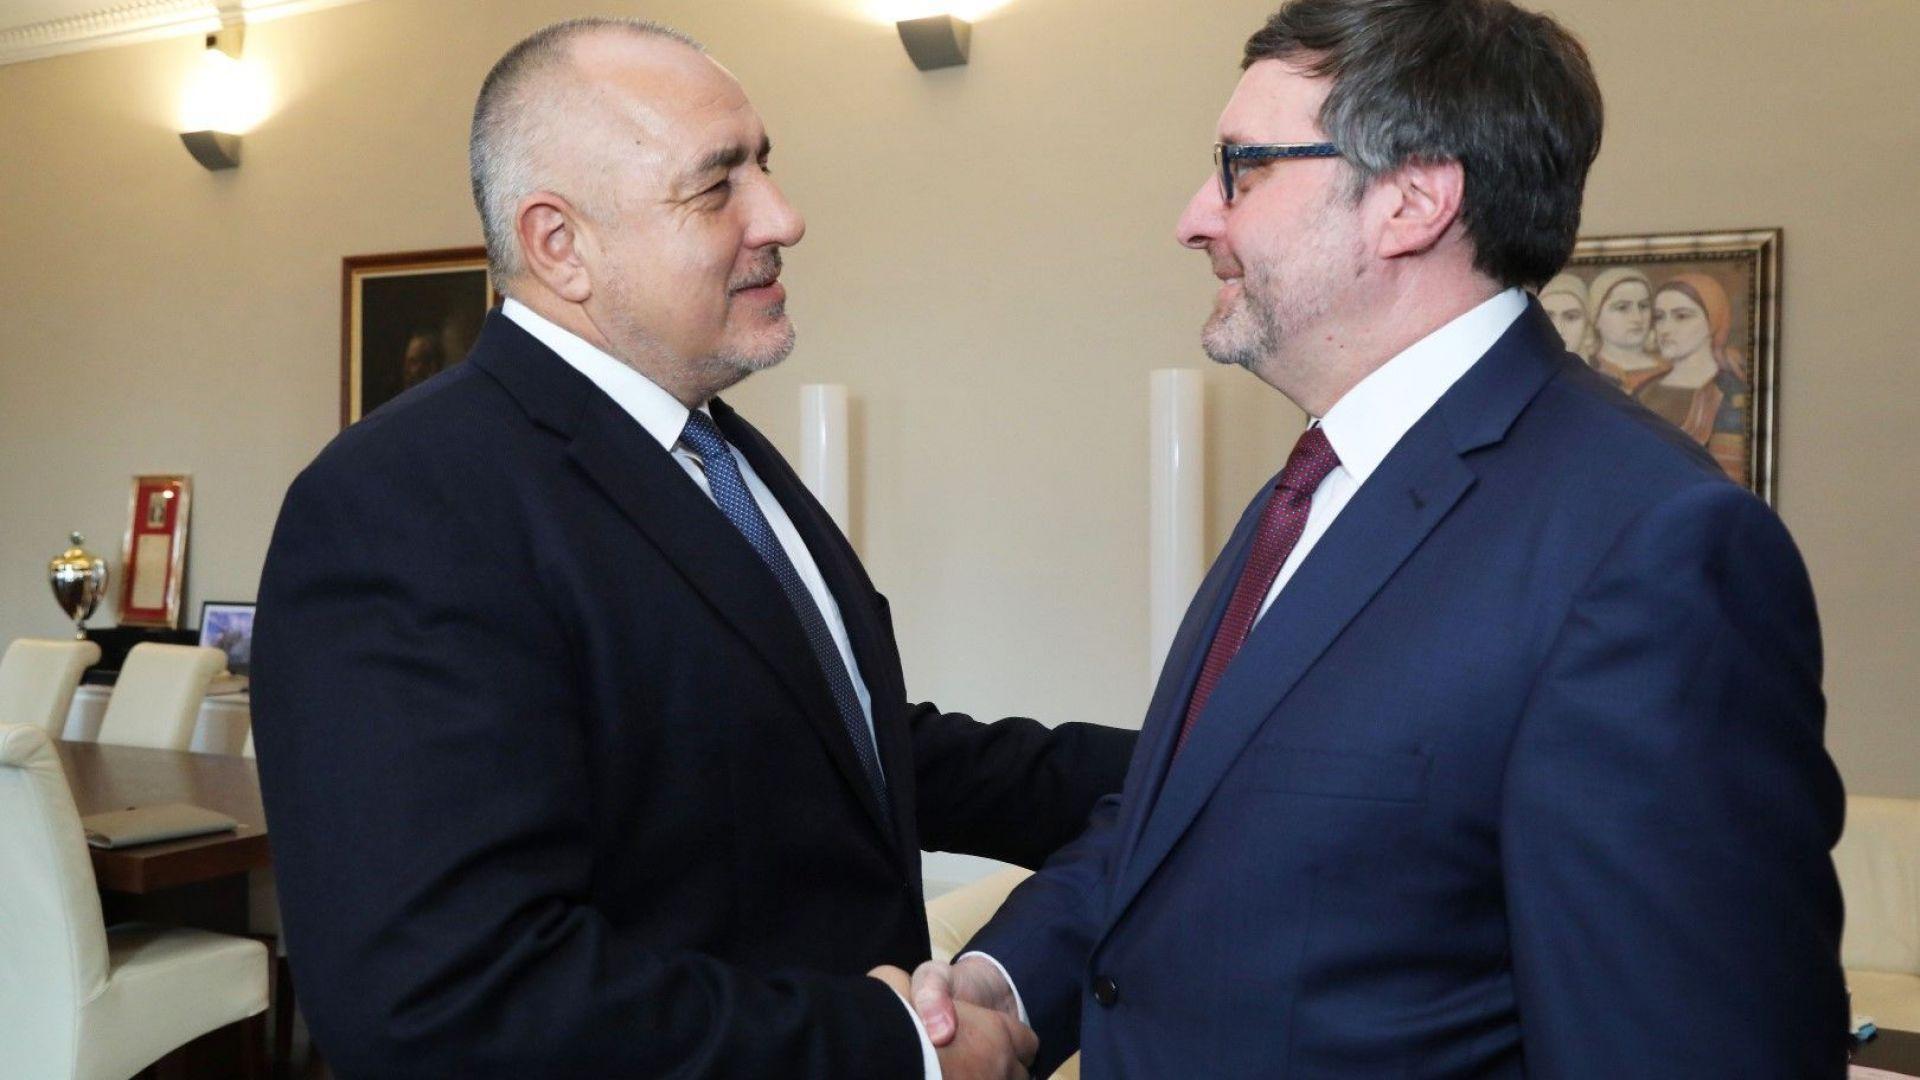 Борисов отбеляза пред Матю Палмър: Сигурността и отбраната са сред основните измерения на диалога